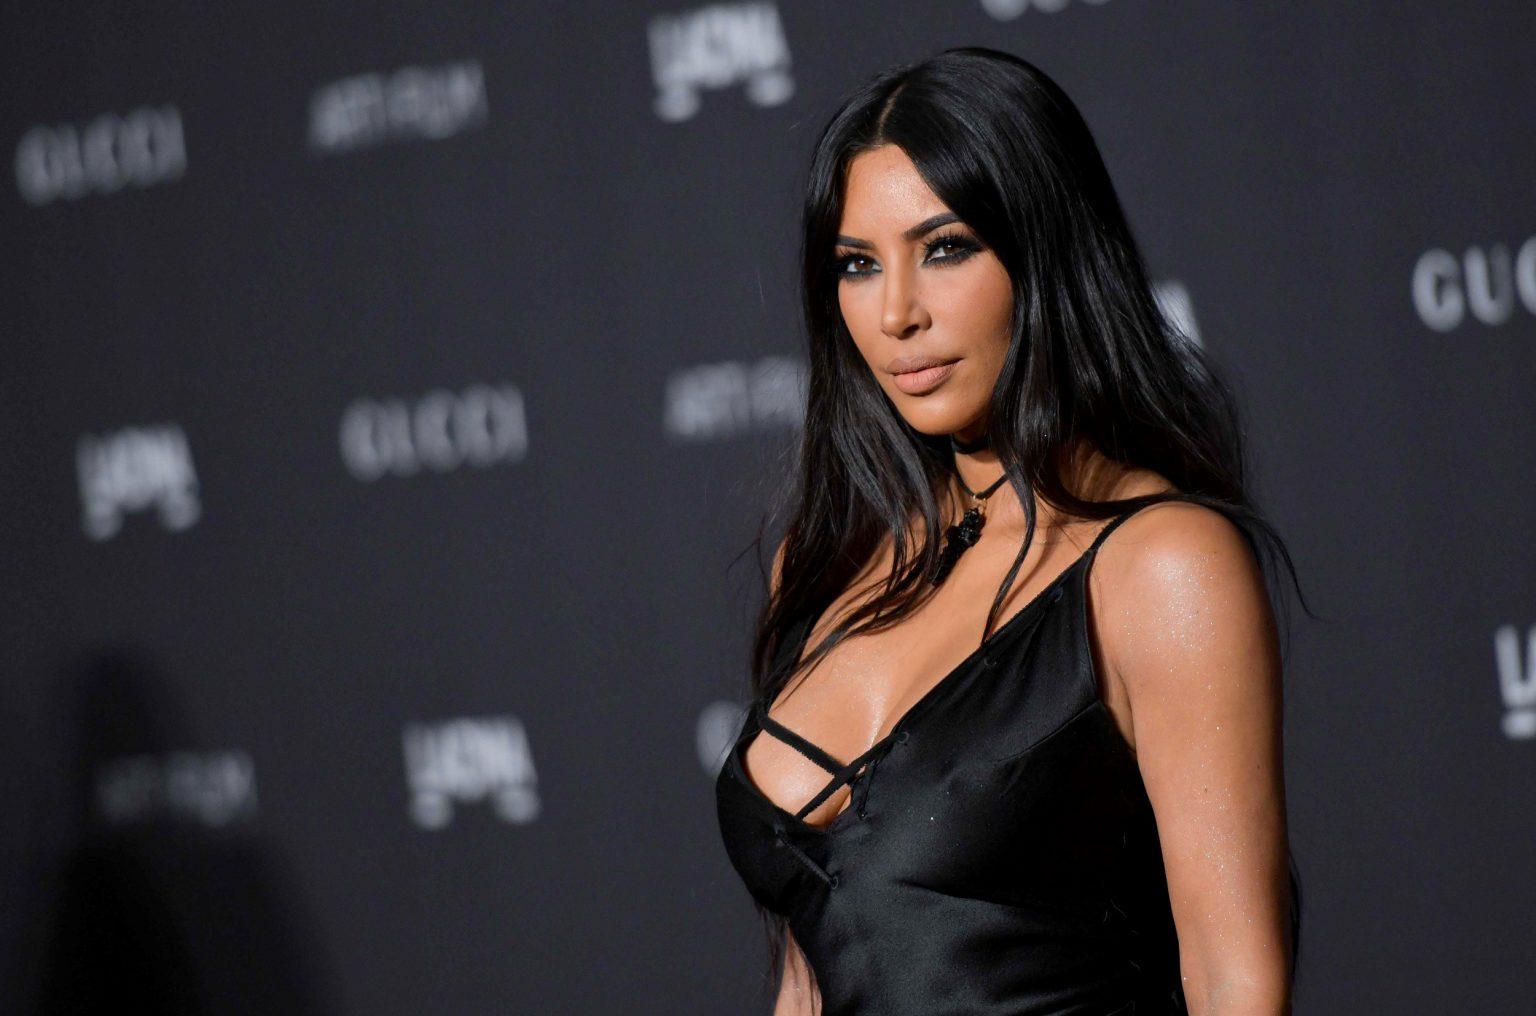 Kim Kardashian je přesný příklad zaplacené influencerky, která pumpuje krypto tokeny, o nichž nic neví a mohly by poškodit investory